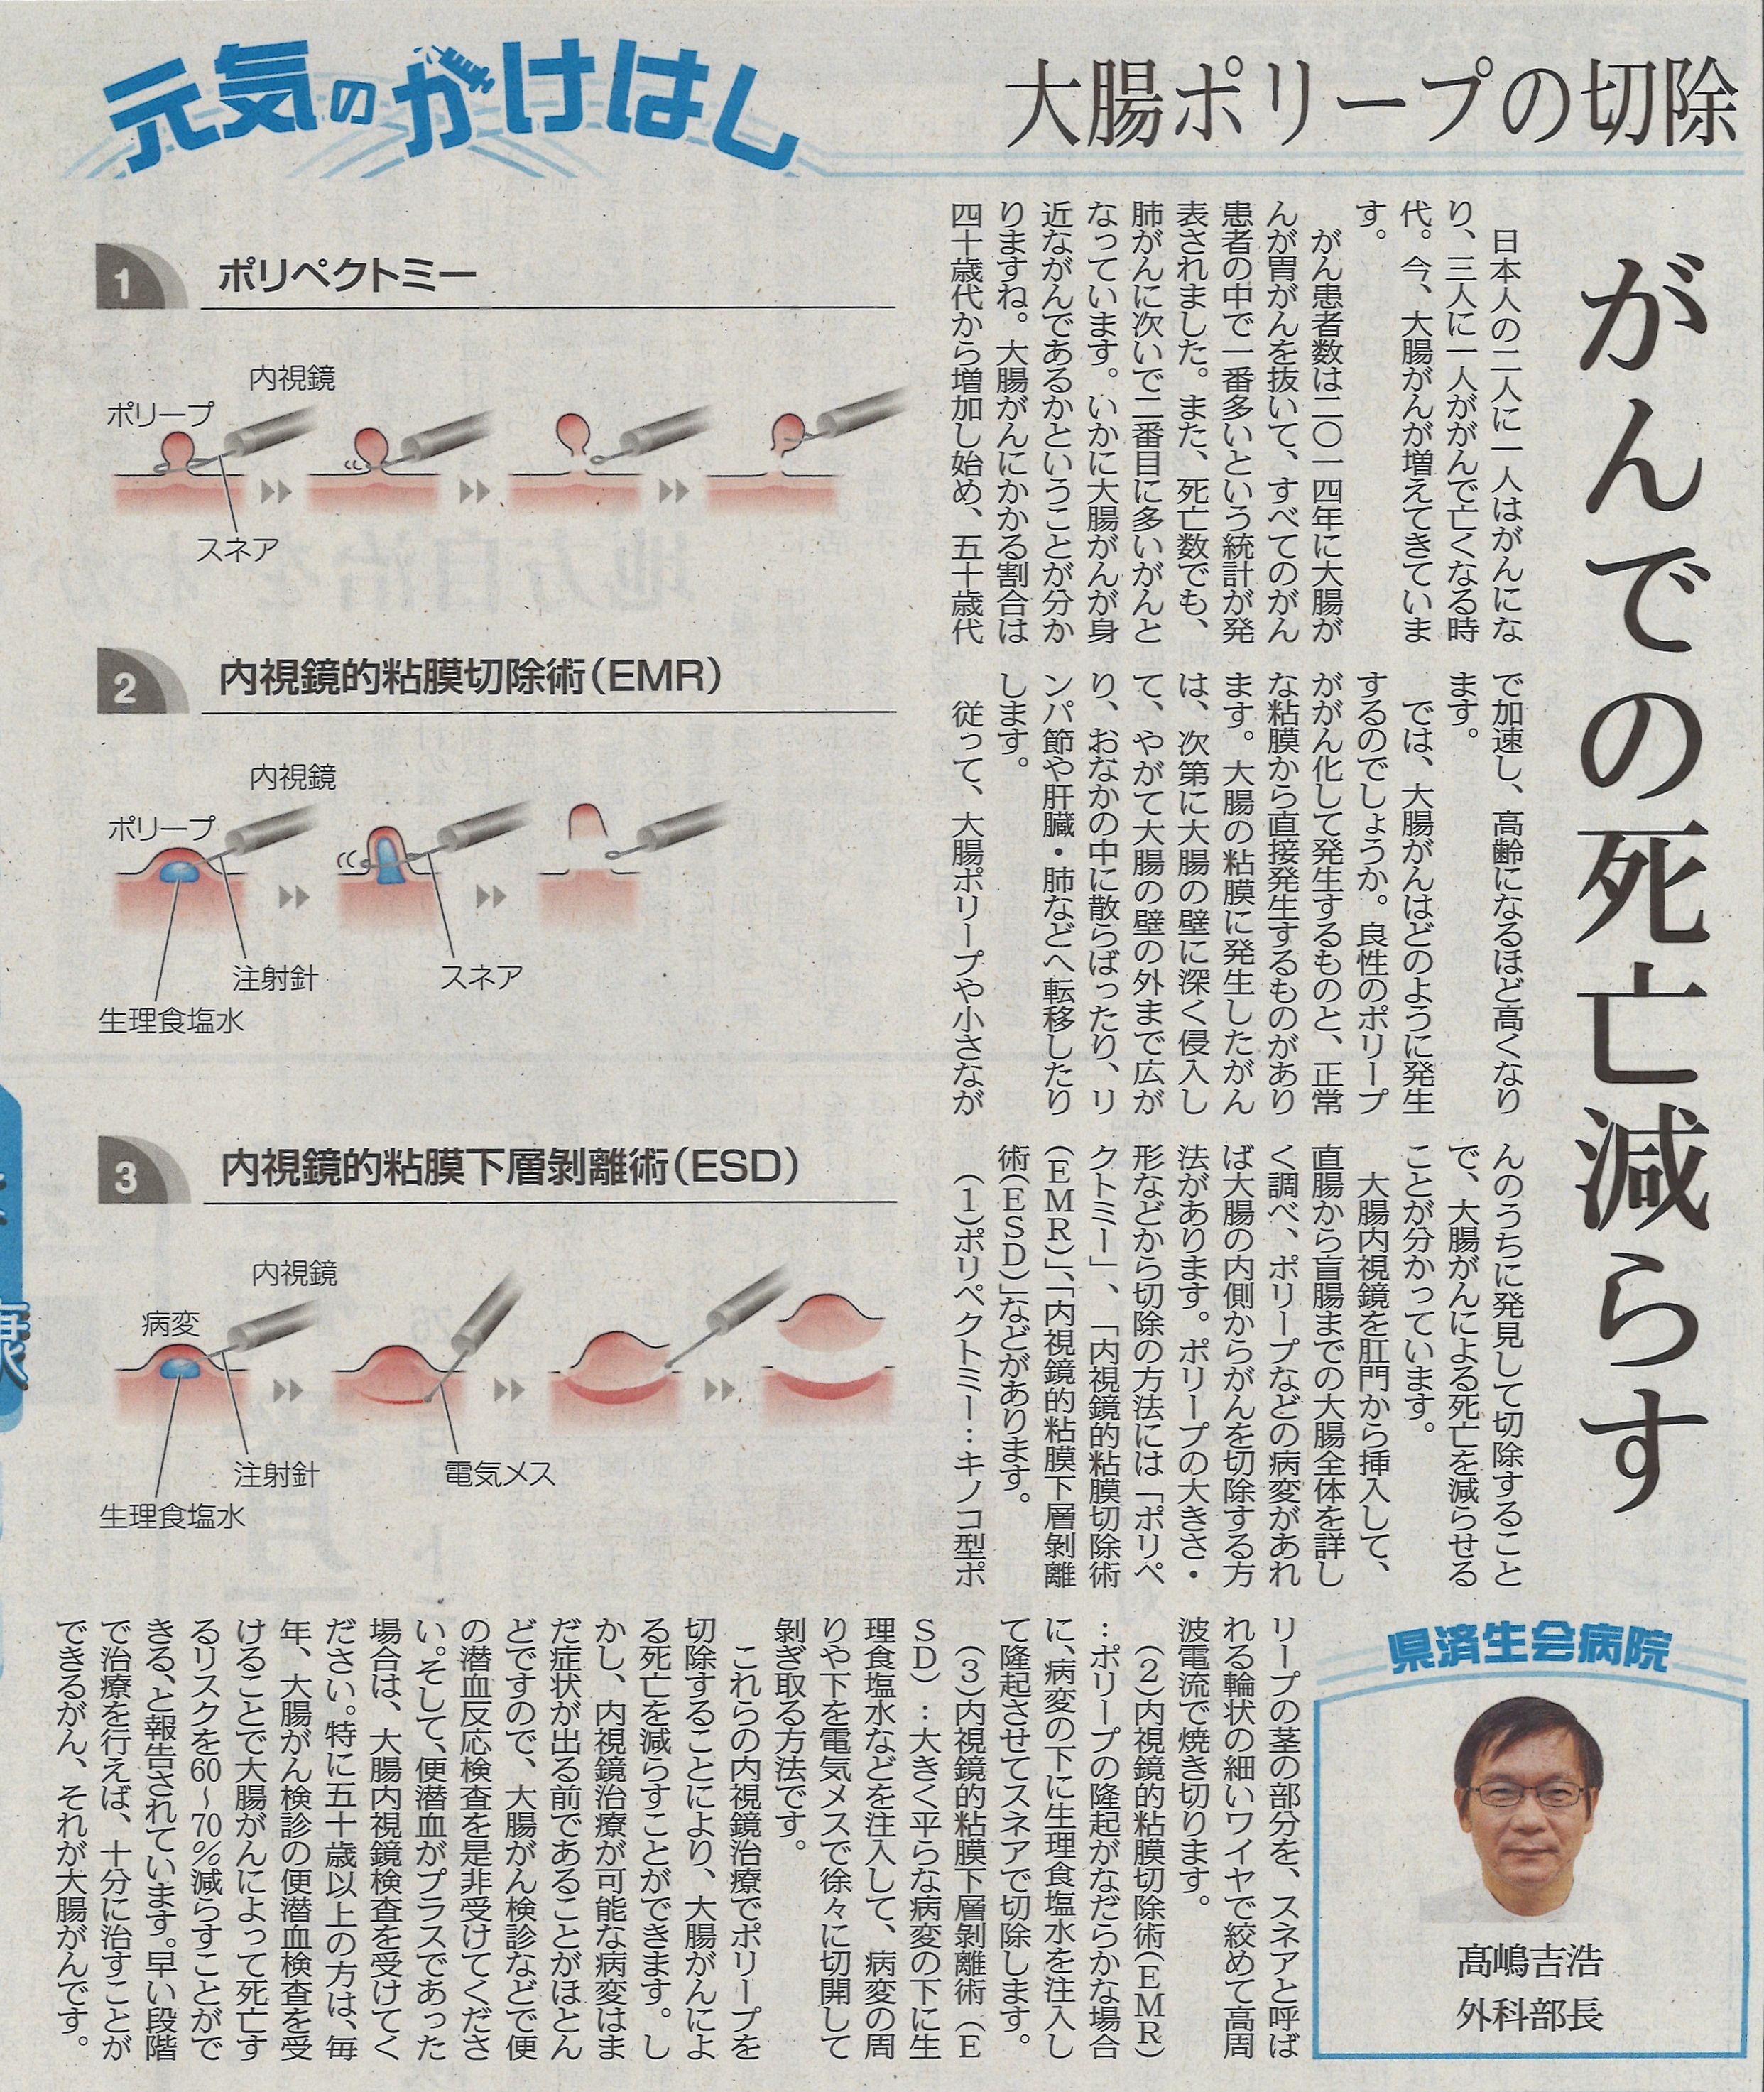 2019年3月21日 日刊県民福井